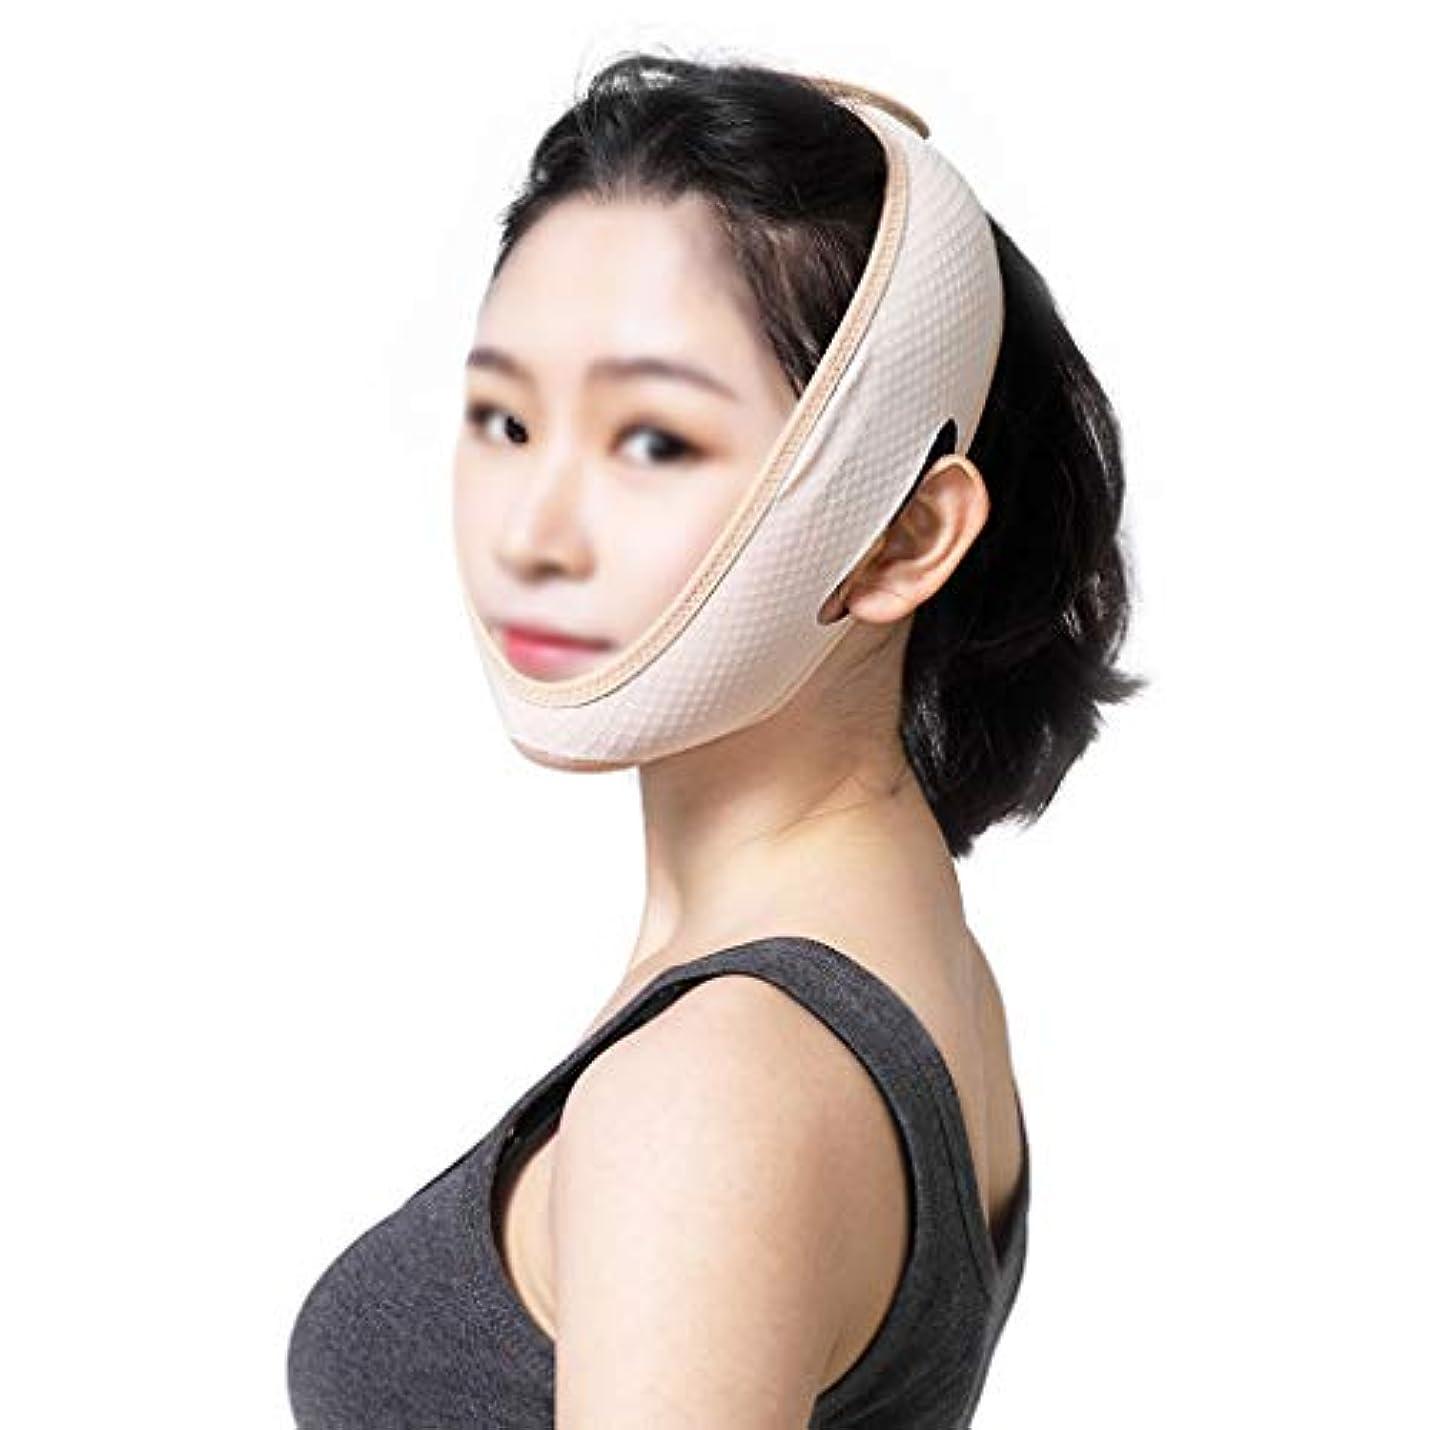 教える比喩話をするTLMY 顔面リフティング包帯術後回復マスクリフティング包帯薄い顔アーティファクトは、小さなV顔を作成する 顔用整形マスク